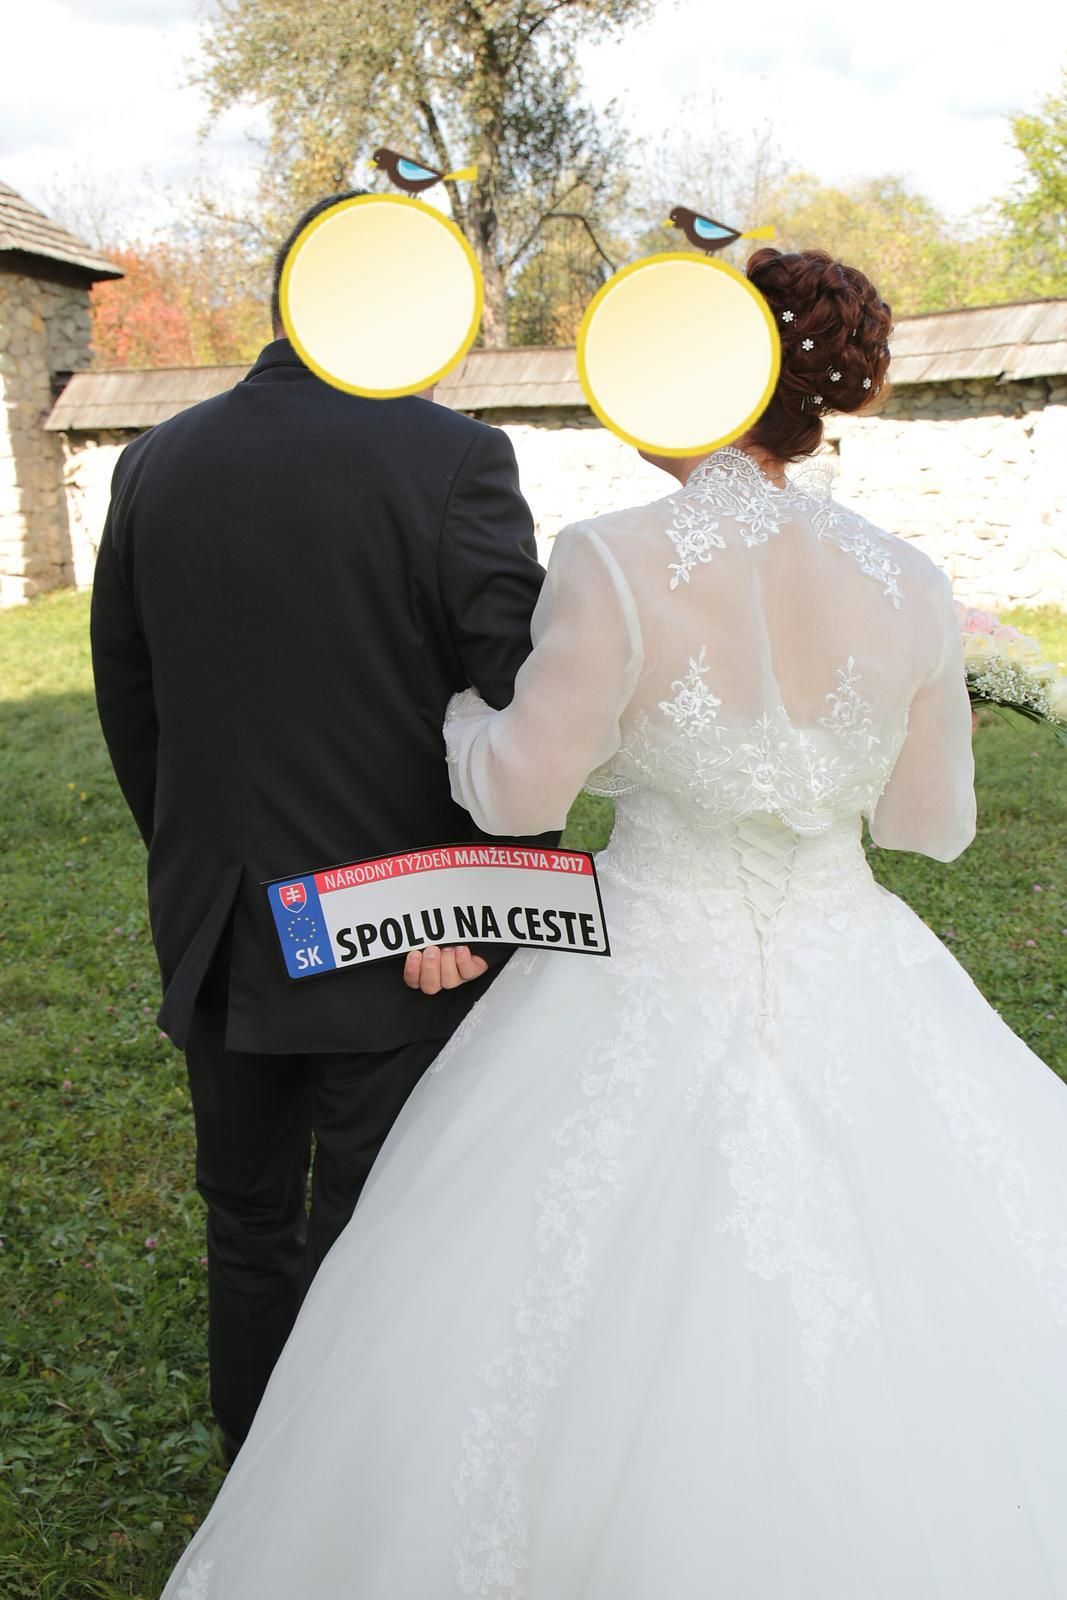 Svadobné šaty a 5 m závoj - Obrázok č. 2